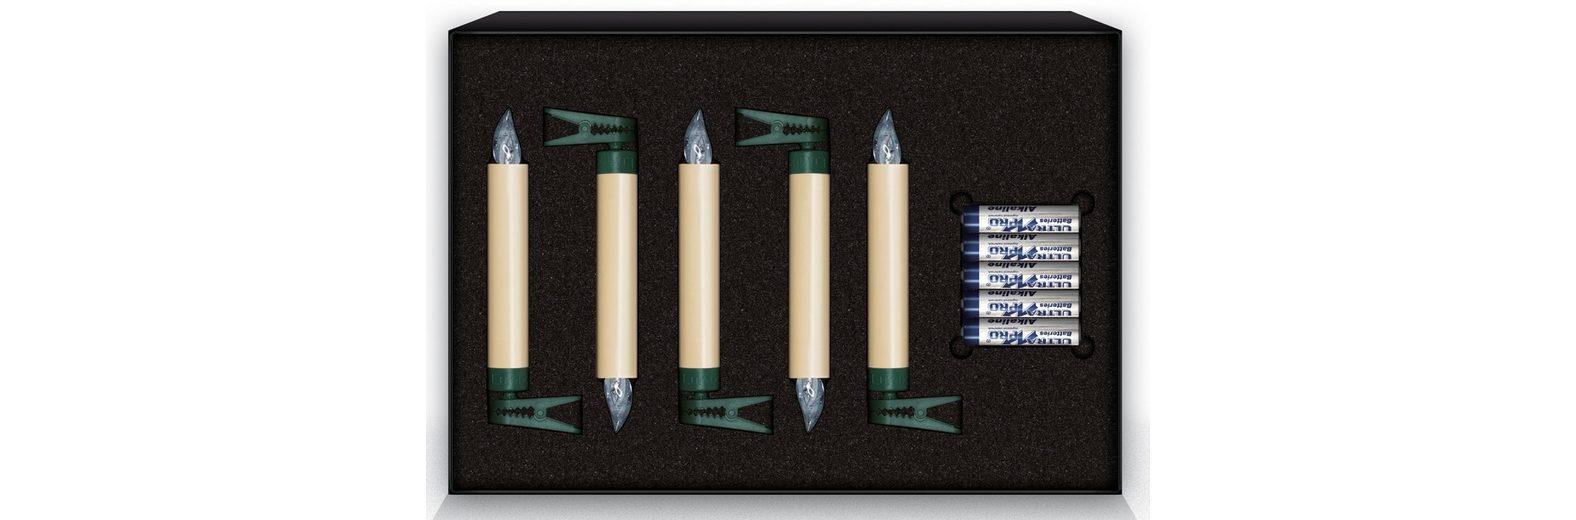 Krinner LUMIX Classic LED-Christbaumkerze, 5er Erweiterungs-Set, elfenbein